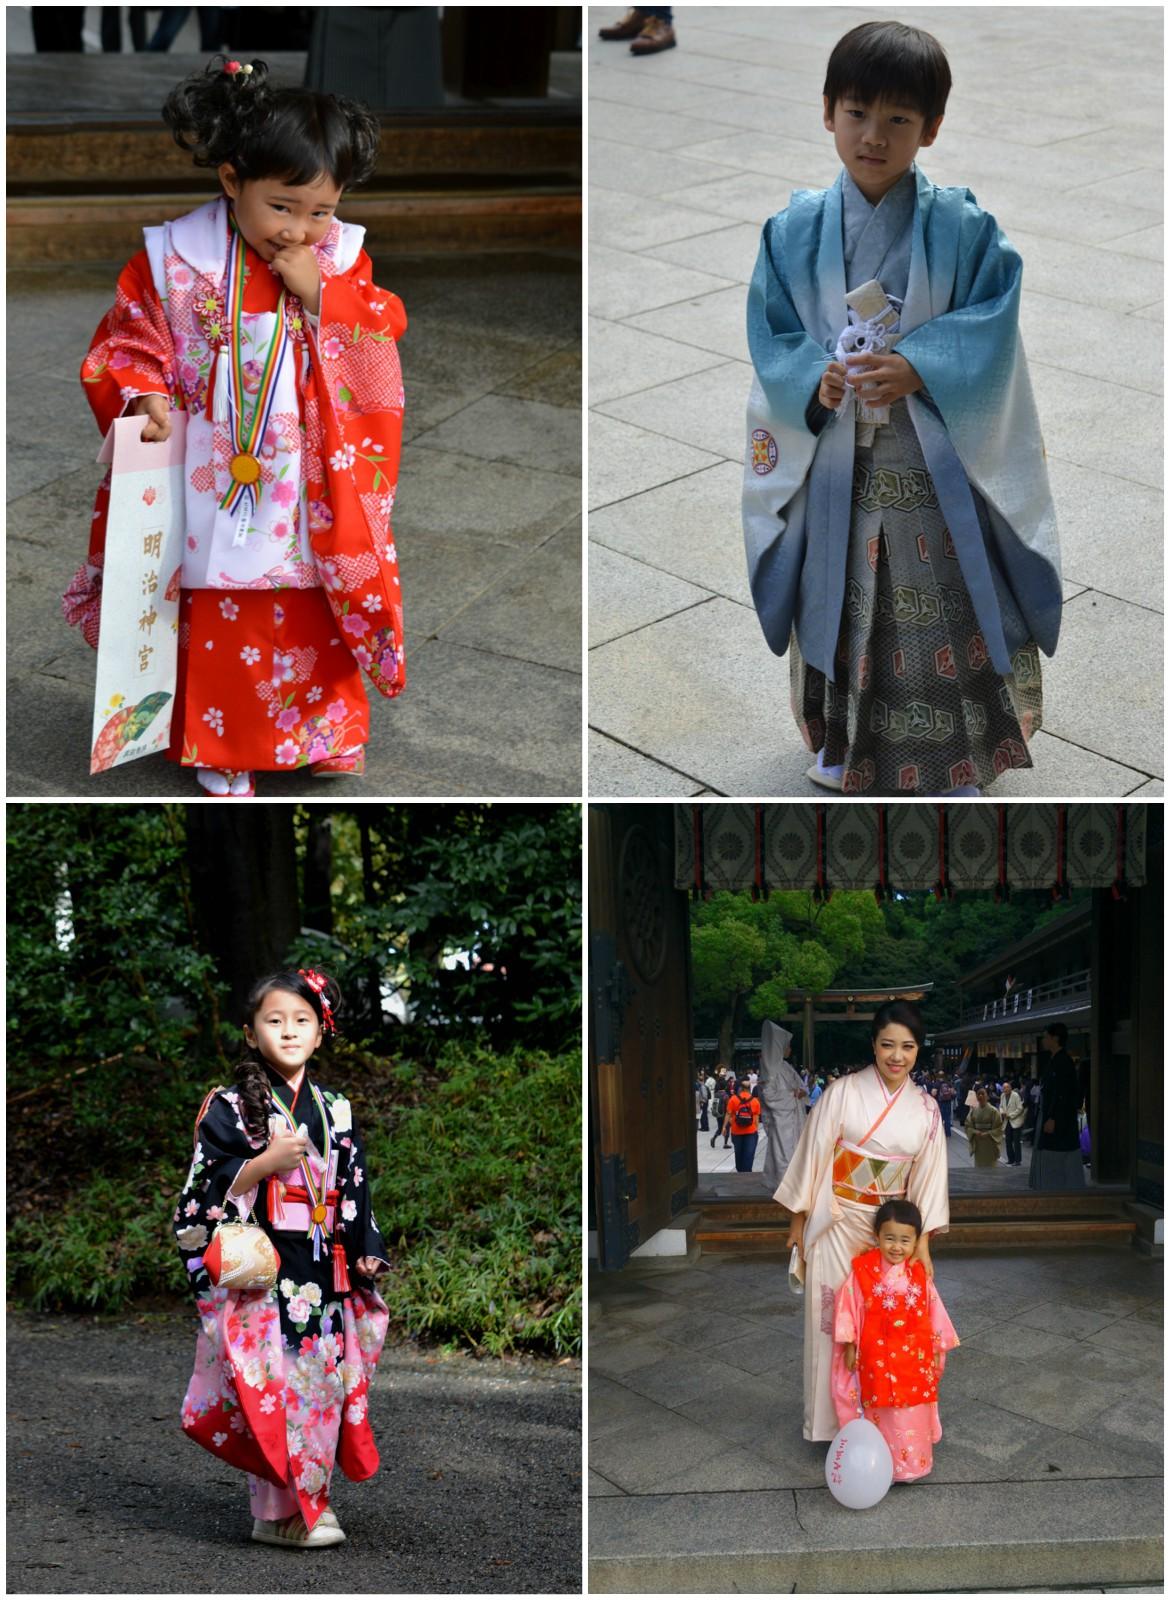 Παιδιά με παραδοσιακές στολές